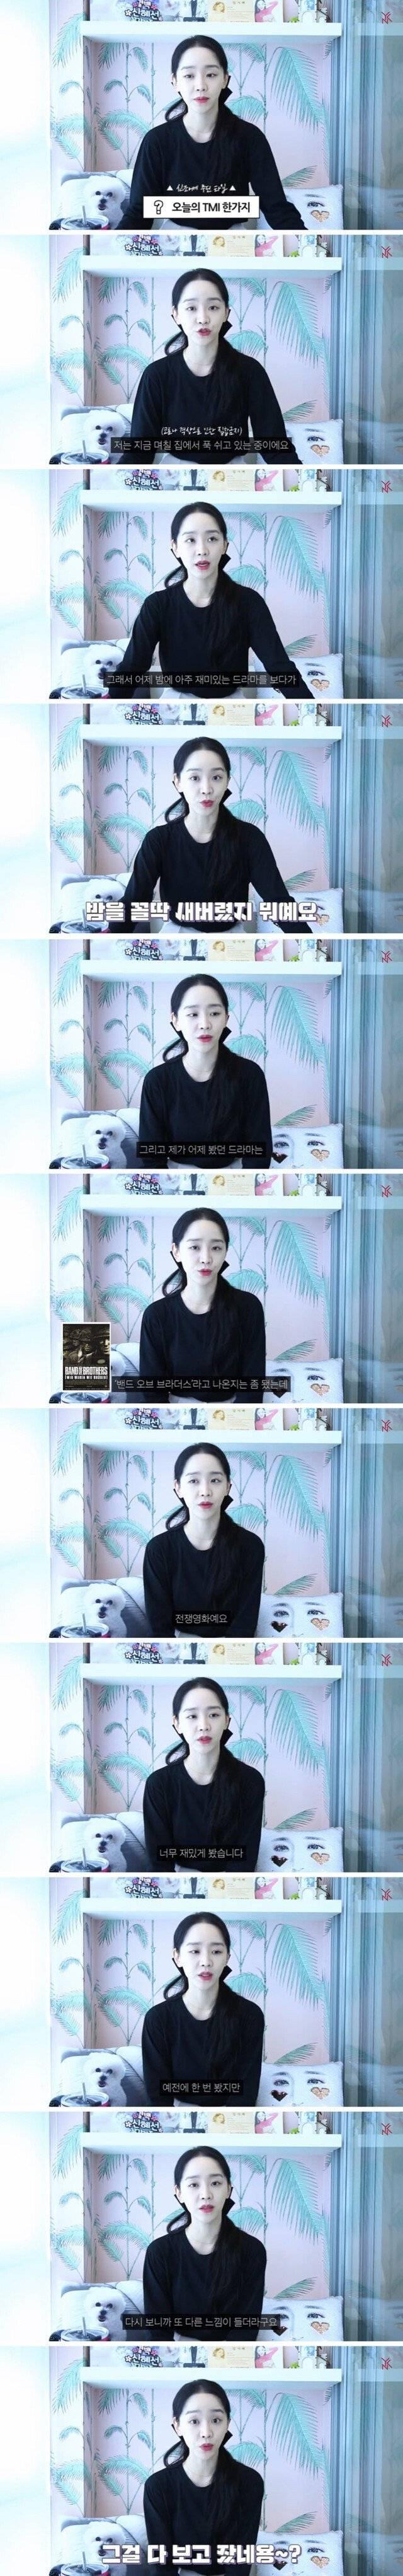 배우 신혜선이 최근 재밌게 봤다는 드라마.JPG   인스티즈